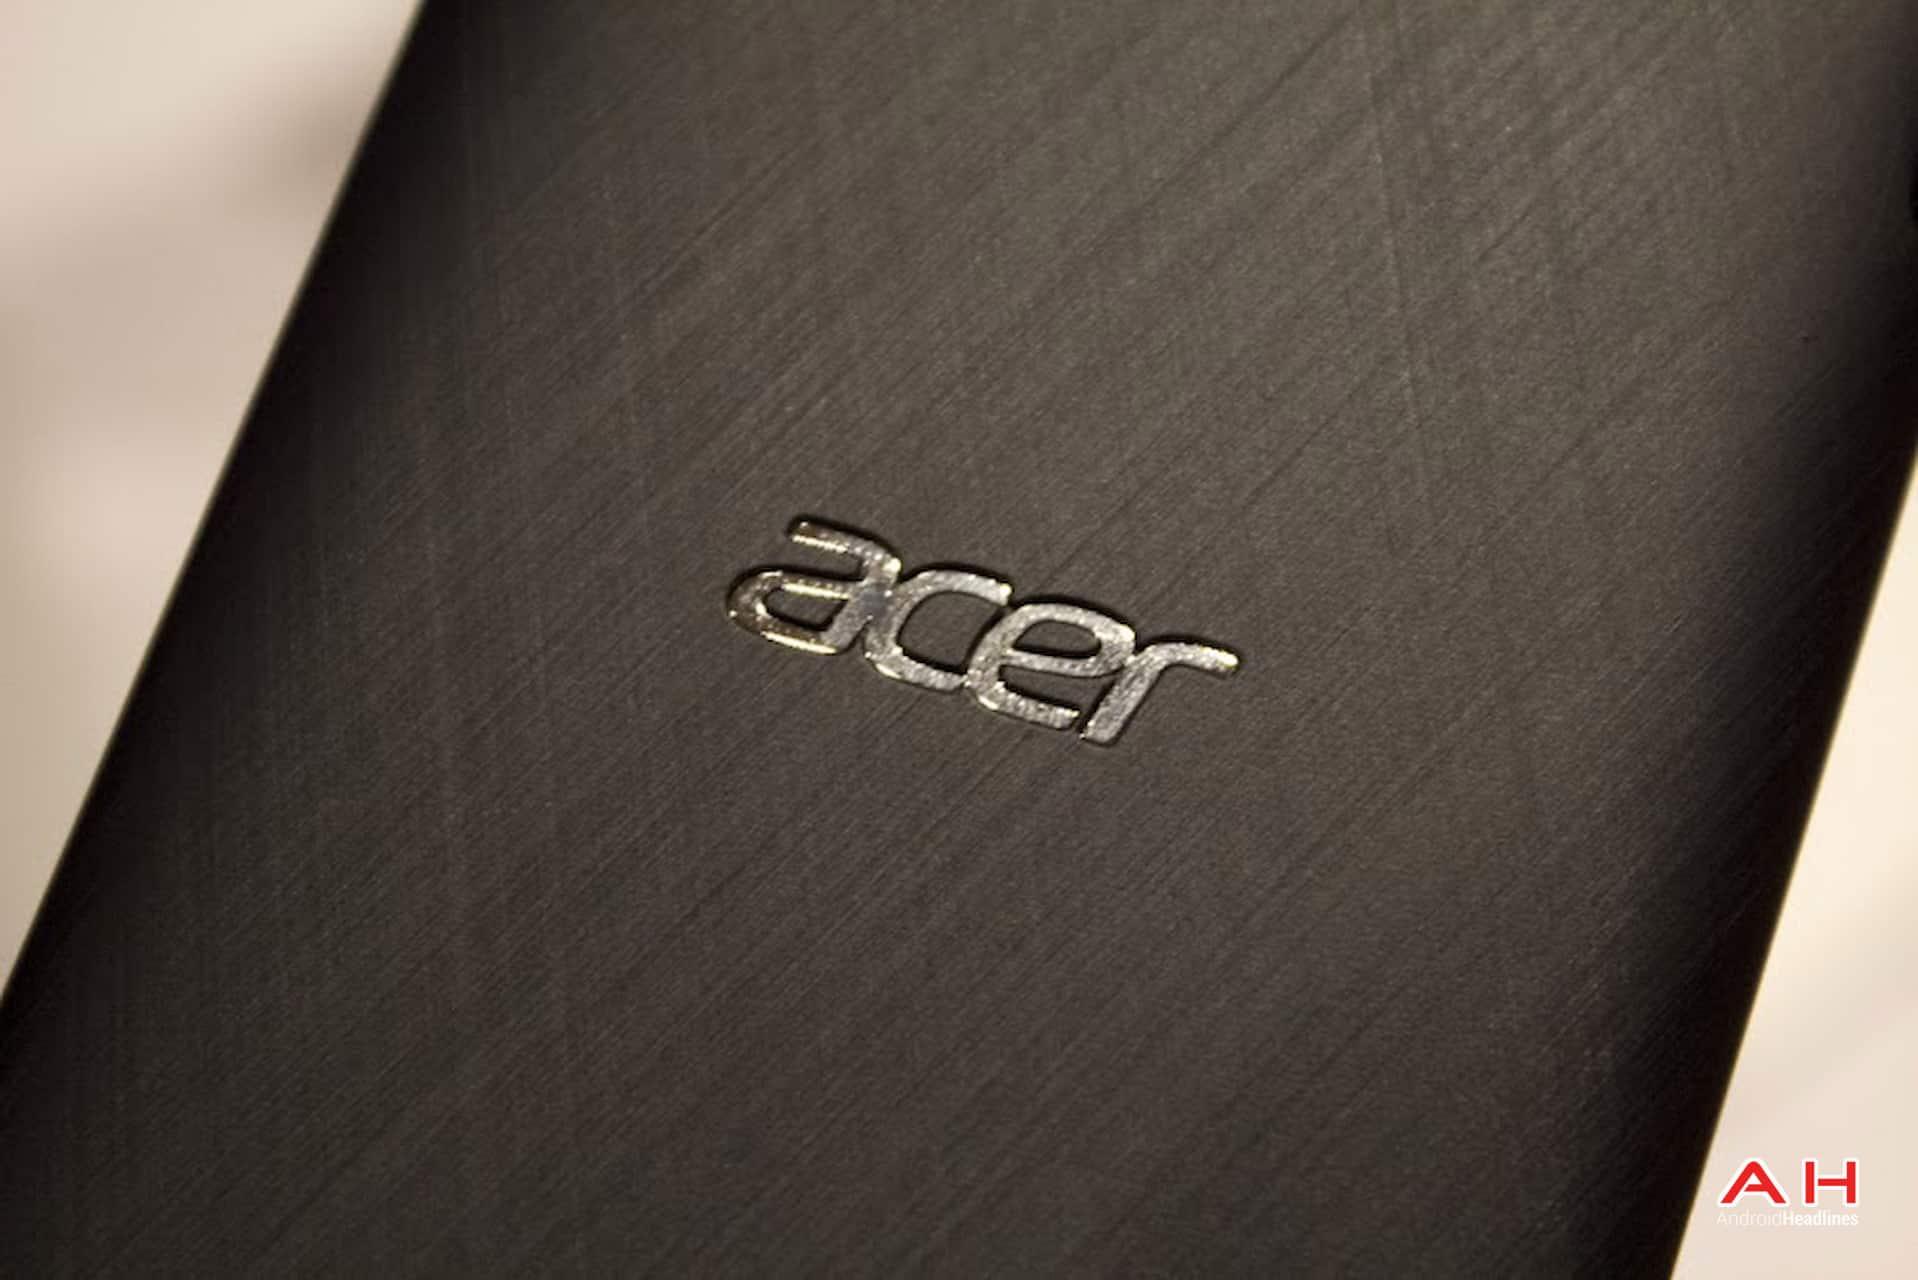 AH Acer Liquid Jade S-1